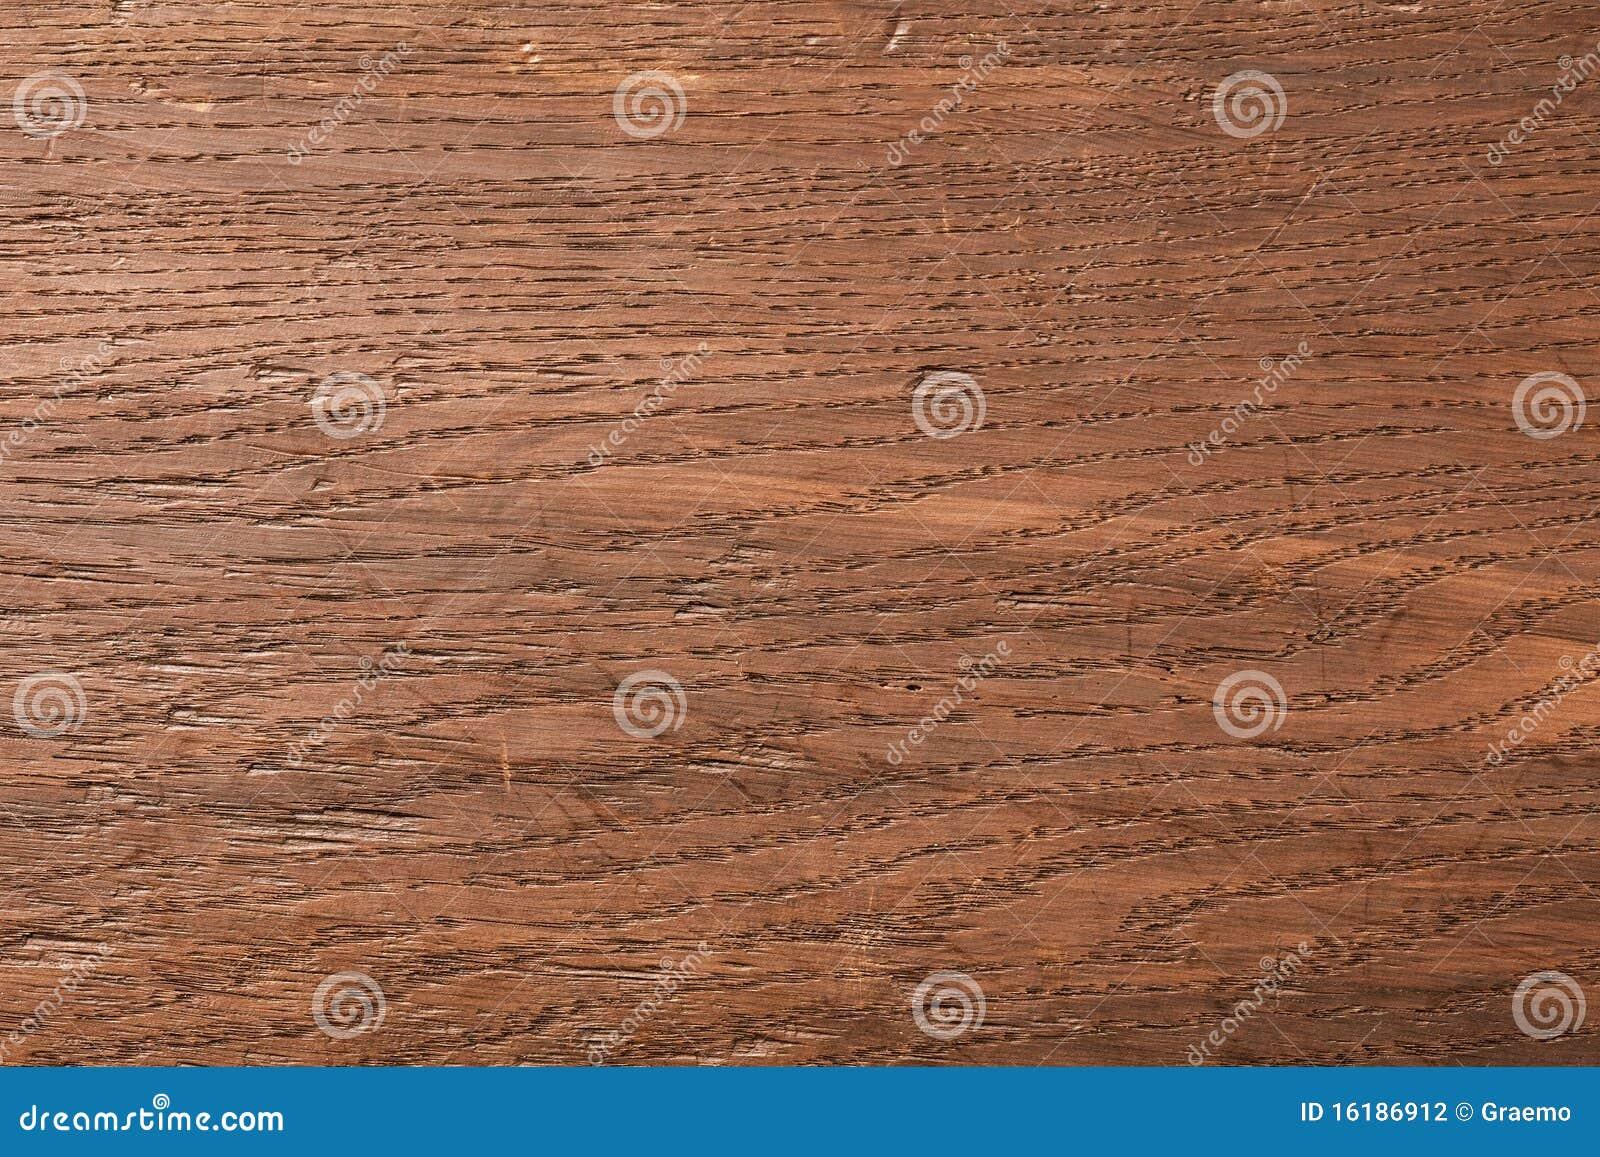 橡木纹理 图库摄影 - 图片